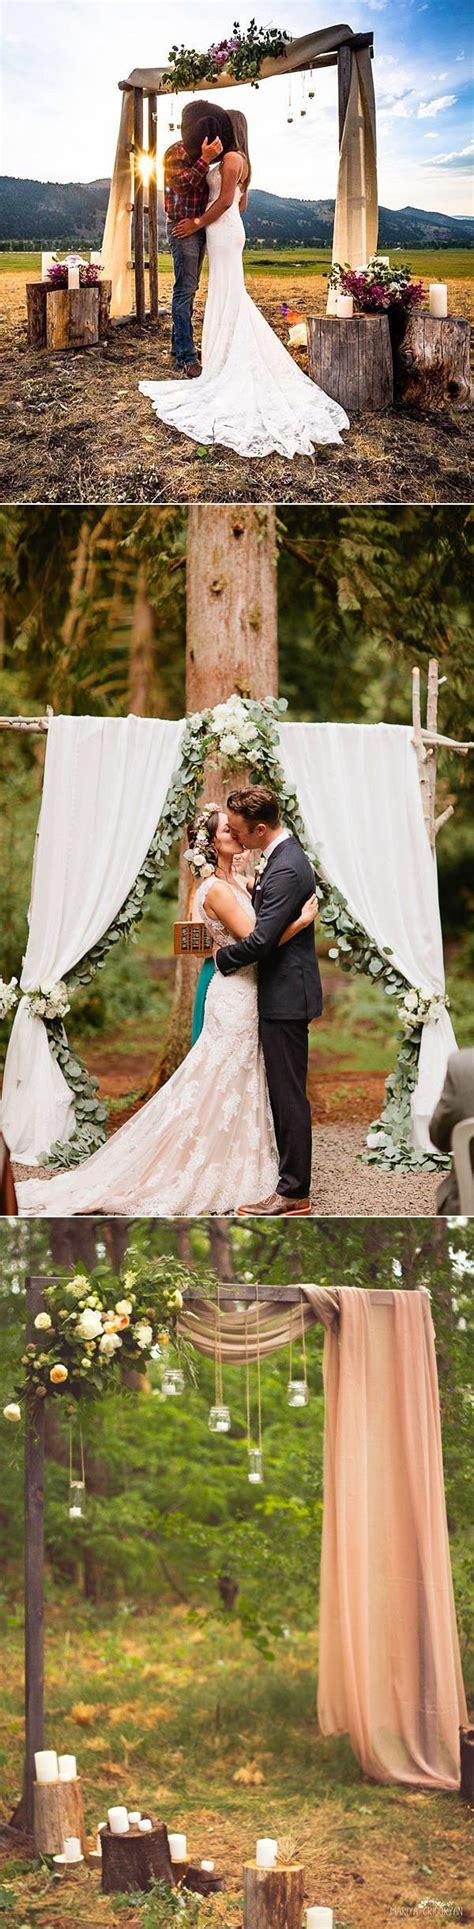 25 chic easy rustic wedding arch ideas diy